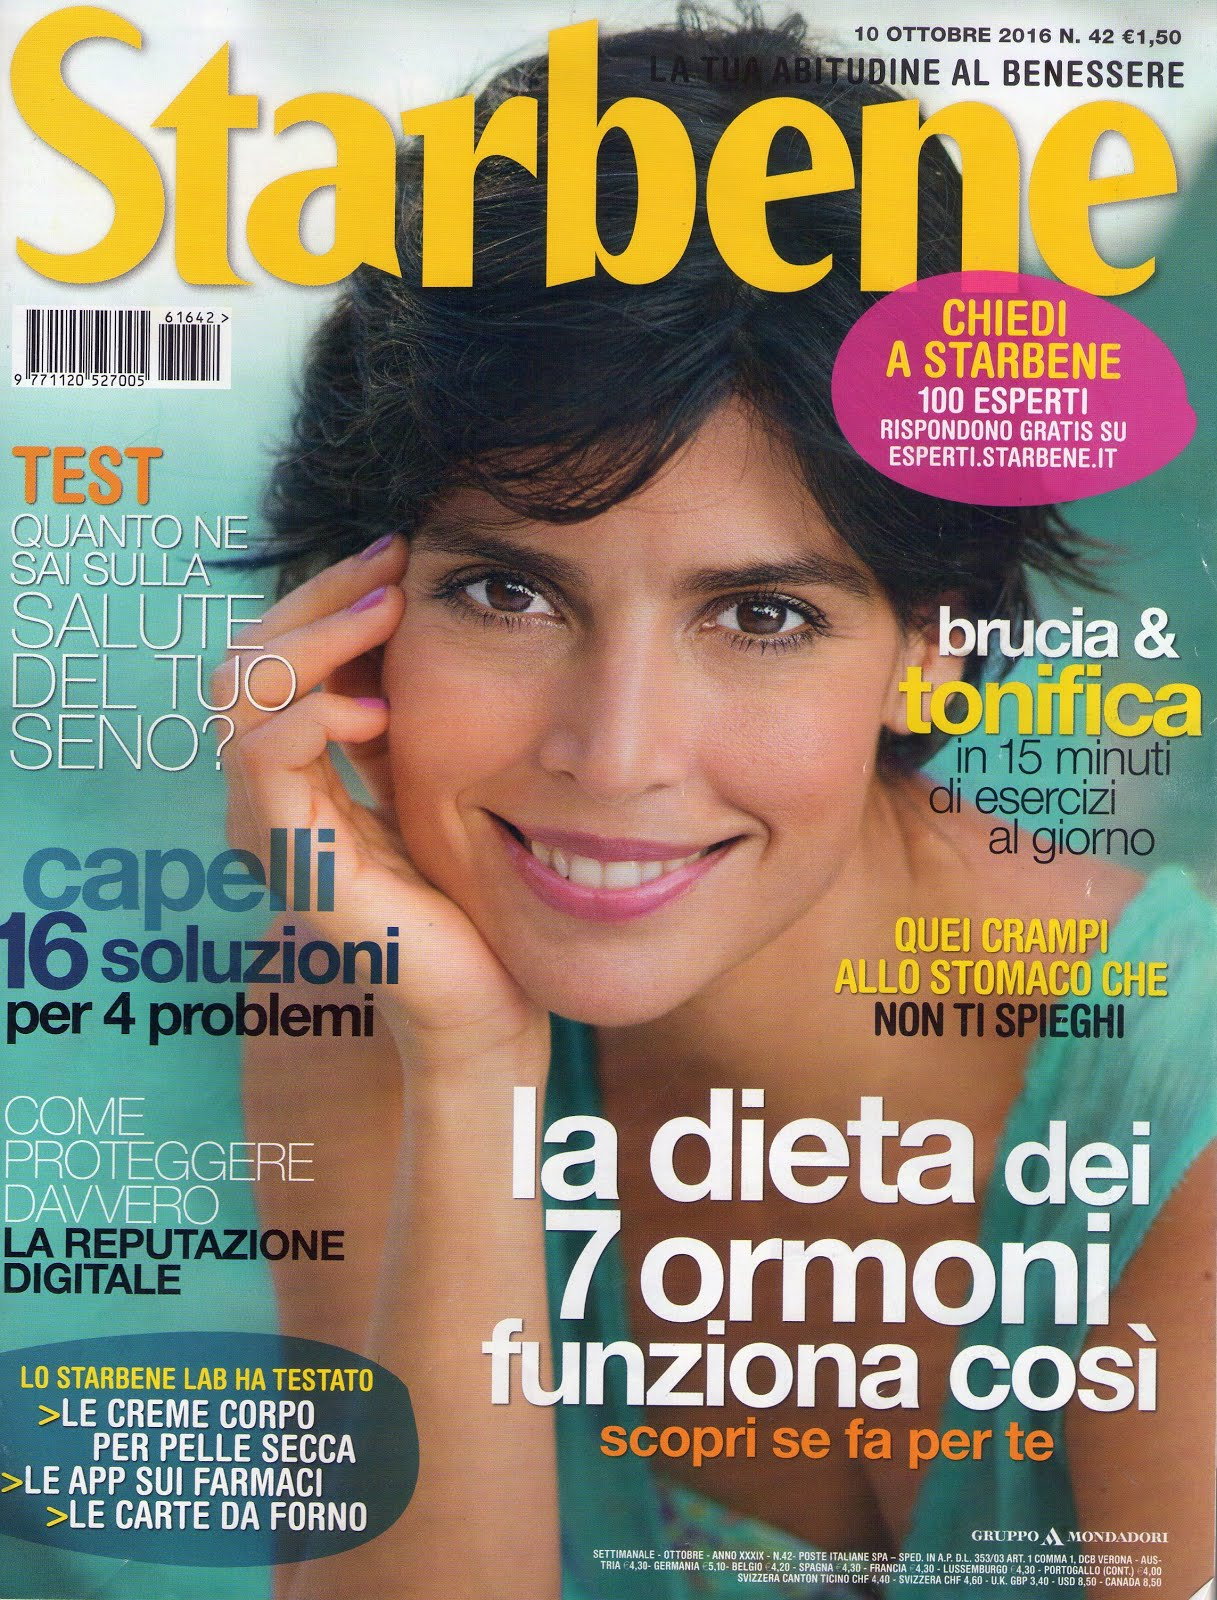 """Intervista settimanale """"Starbene"""" n° 42 del 10/10/2016"""